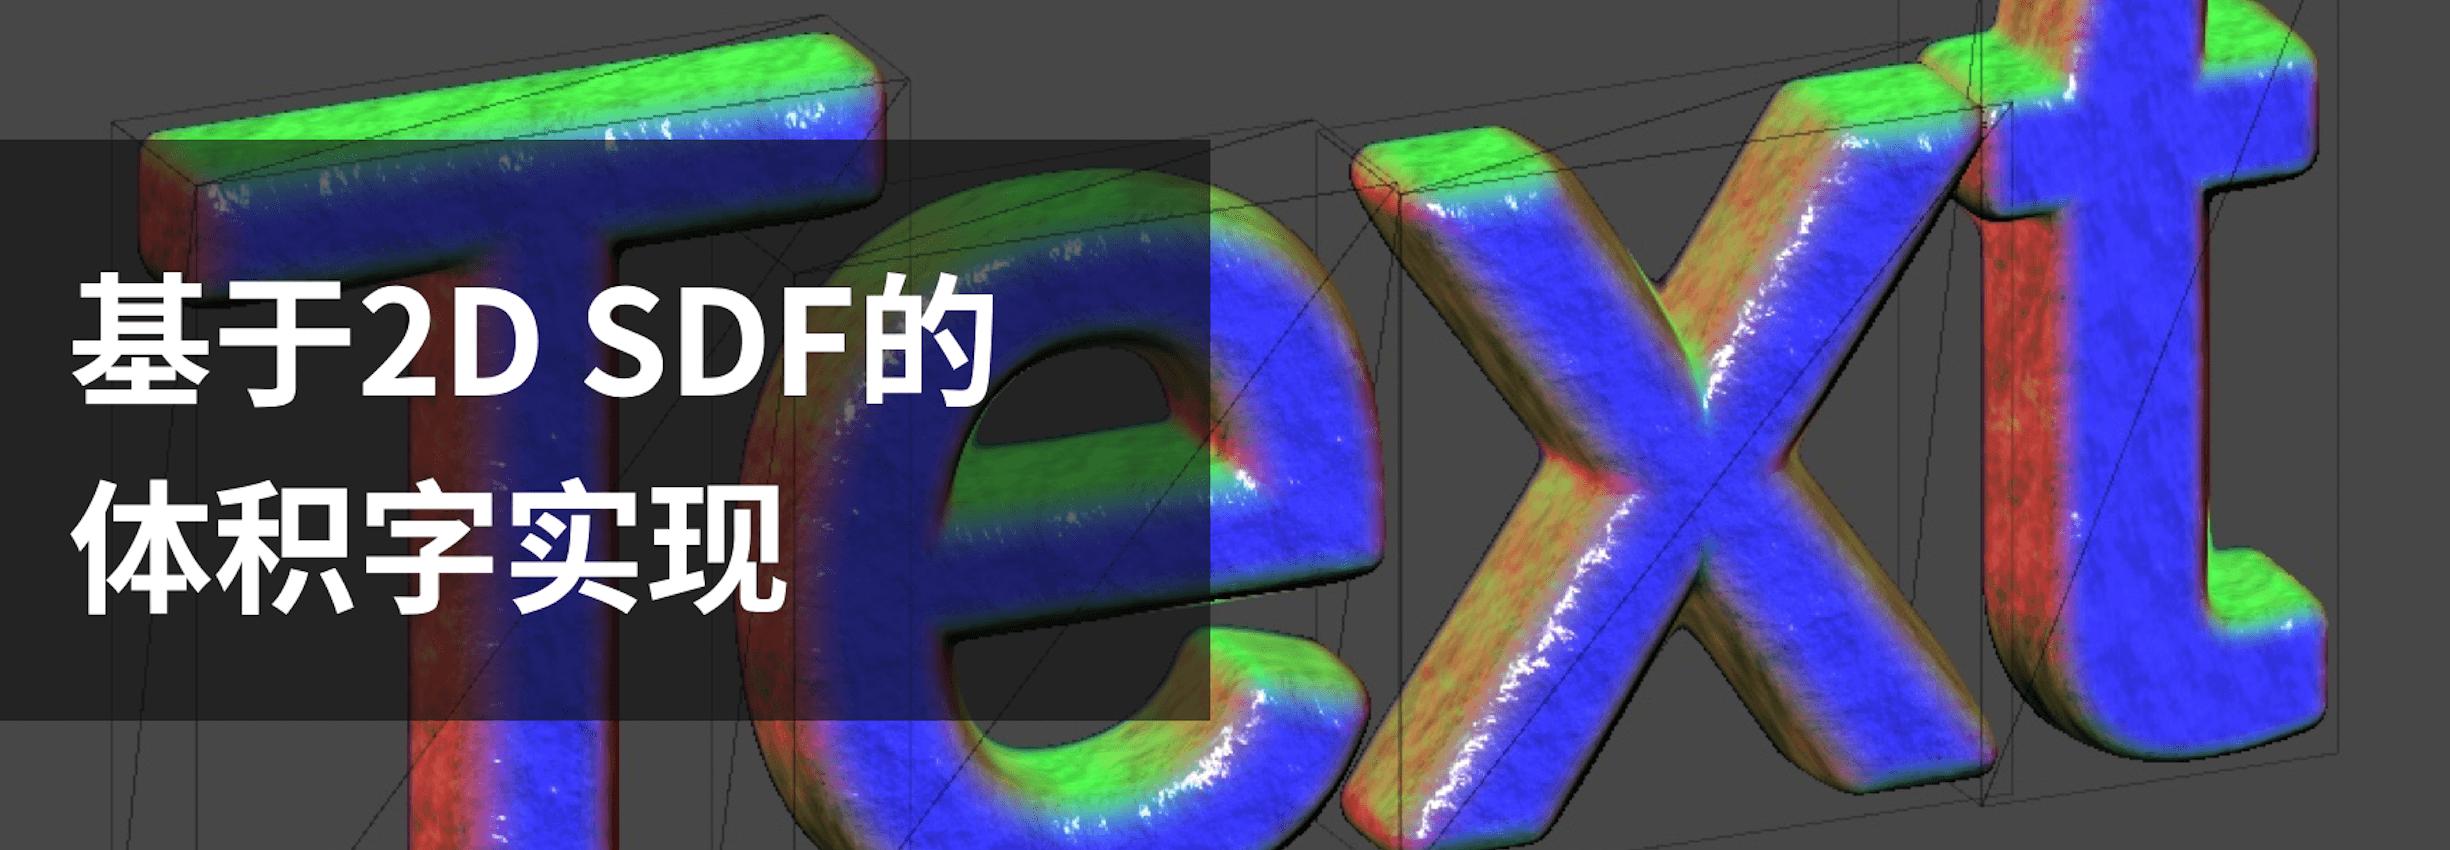 基于2D SDF的体积字实现